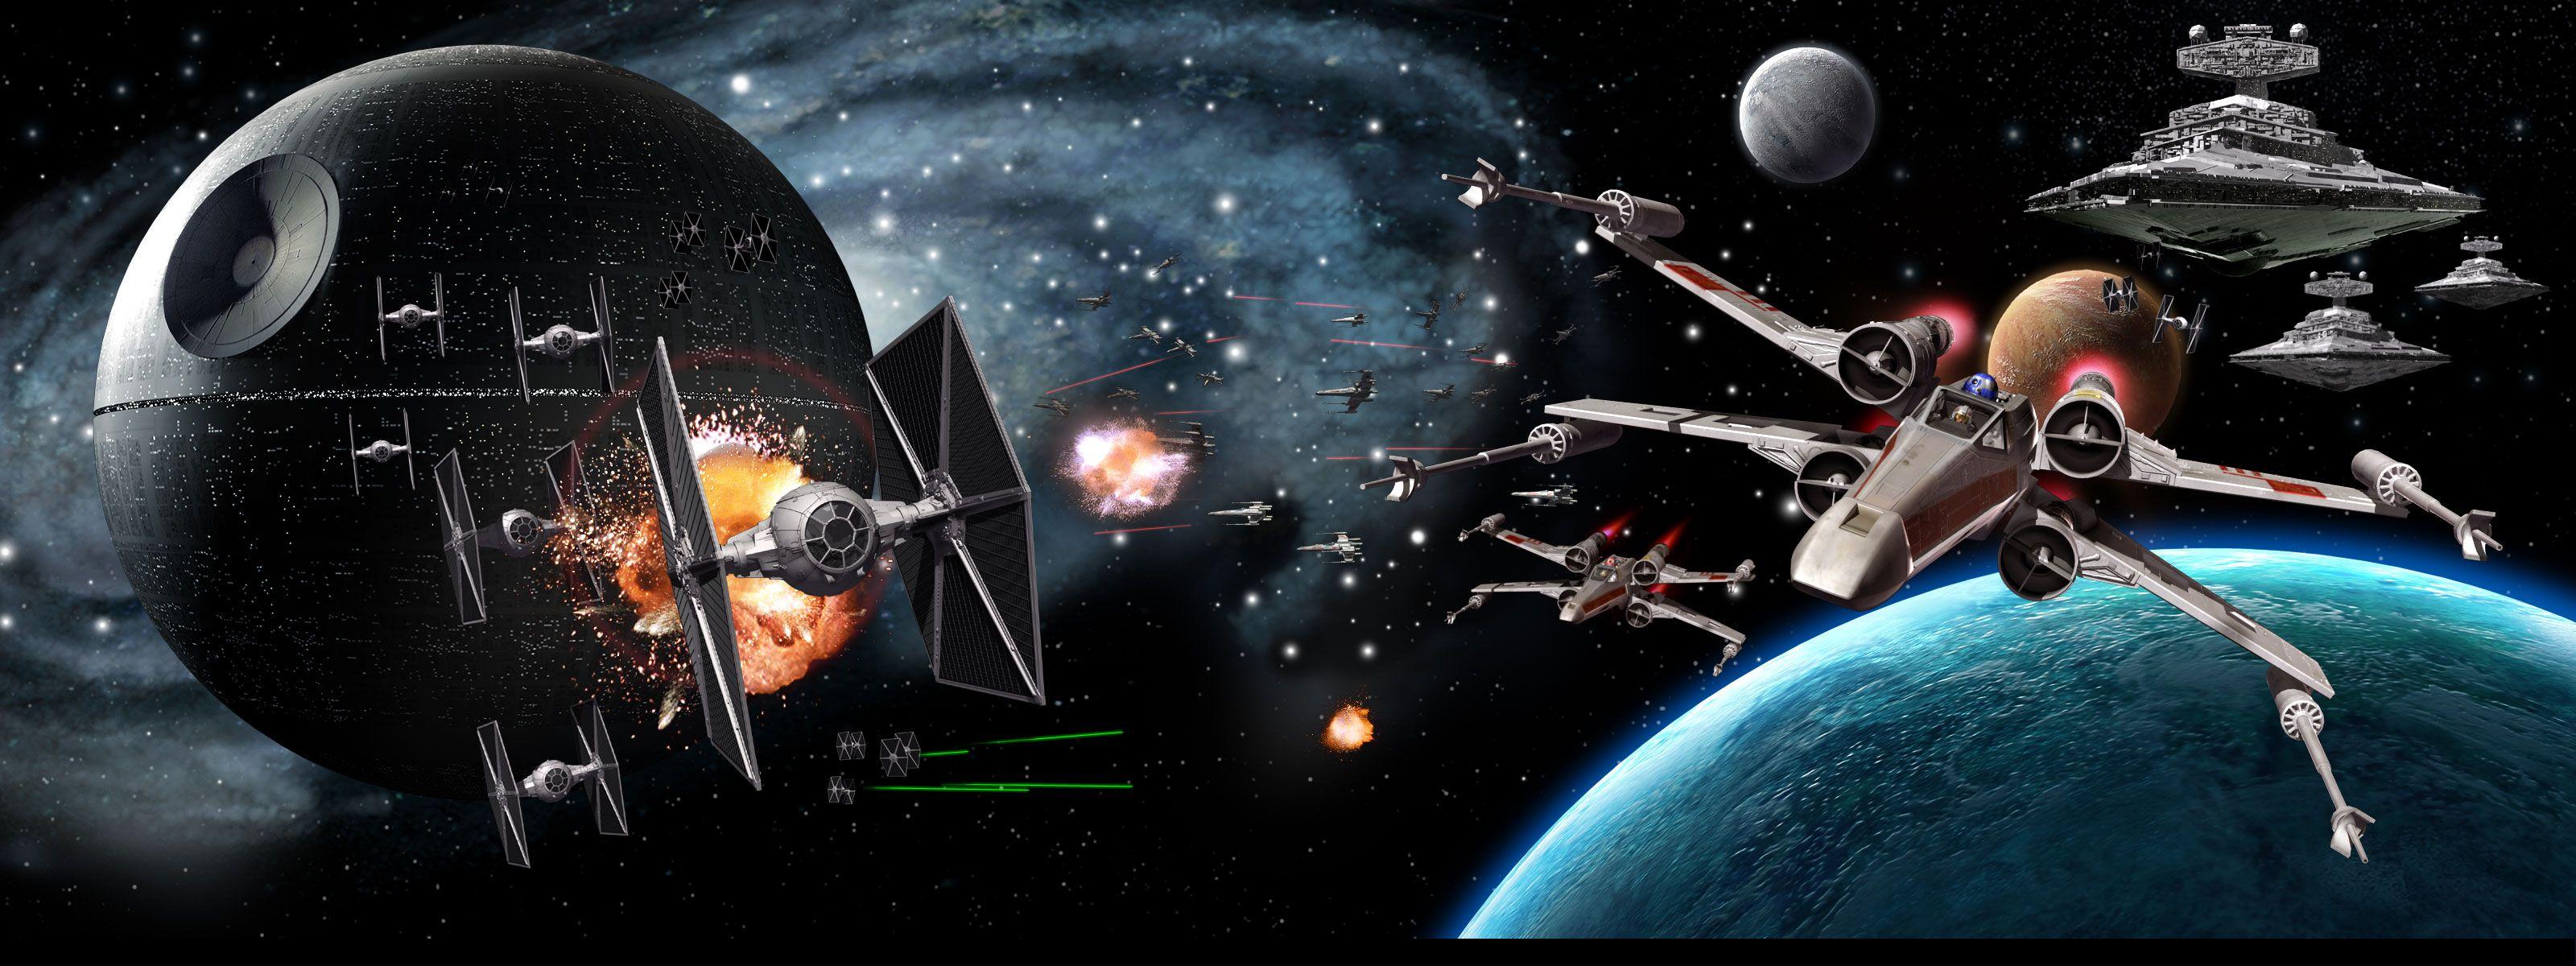 Star Wars Computer Wallpapers Desktop Backgrounds 3200x1200 ID 3200x1200